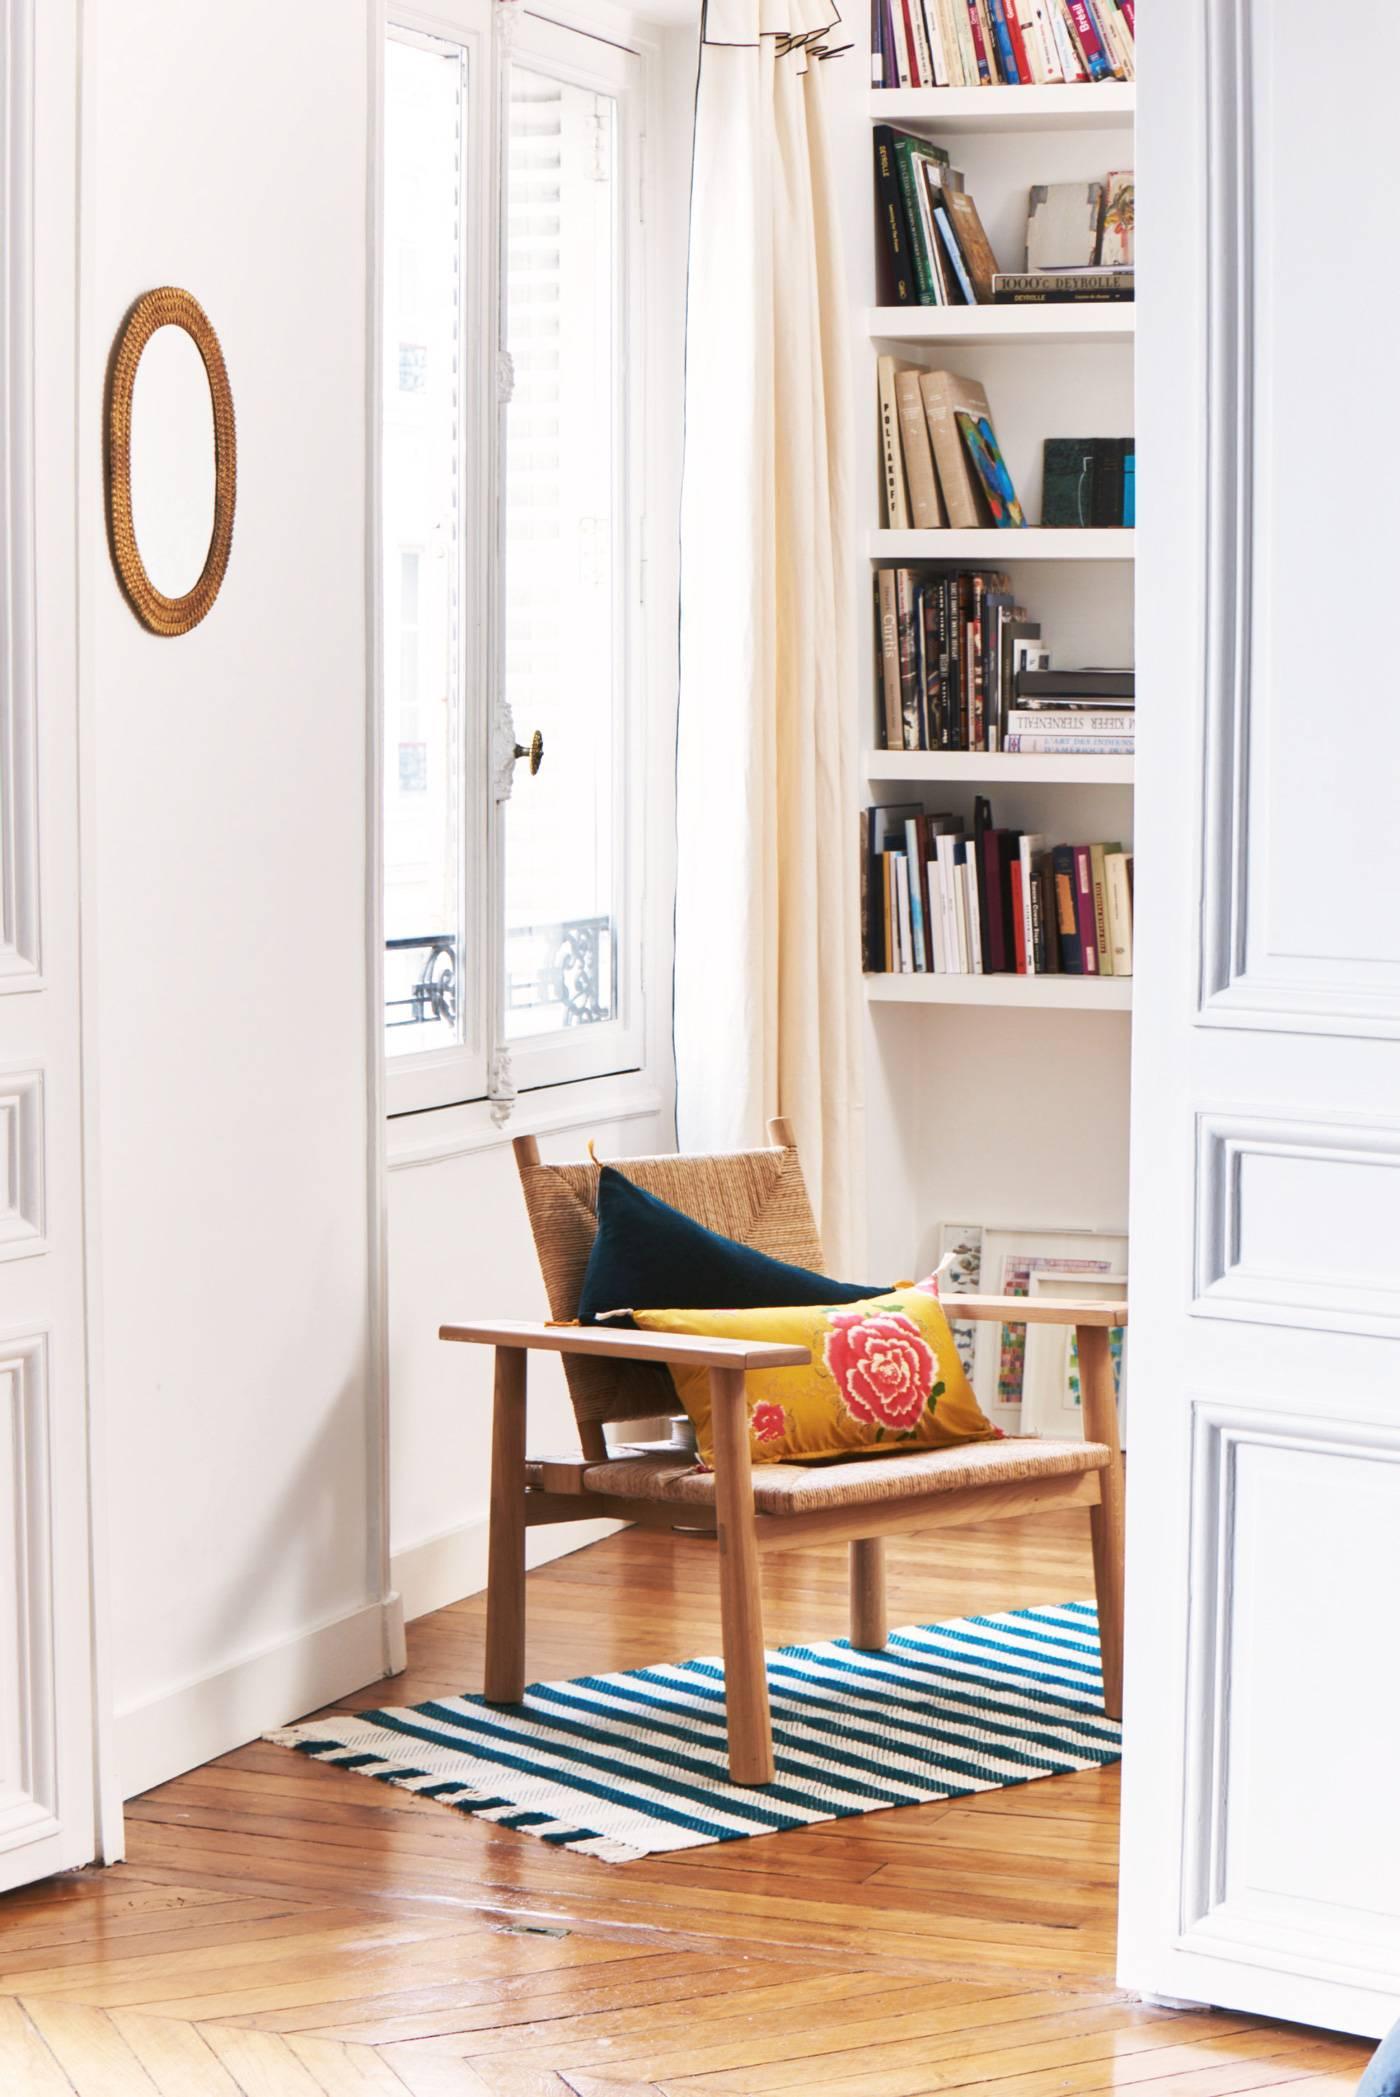 caravane x s zane id es d co meubles et int rieurs design residences decoration magazine. Black Bedroom Furniture Sets. Home Design Ideas